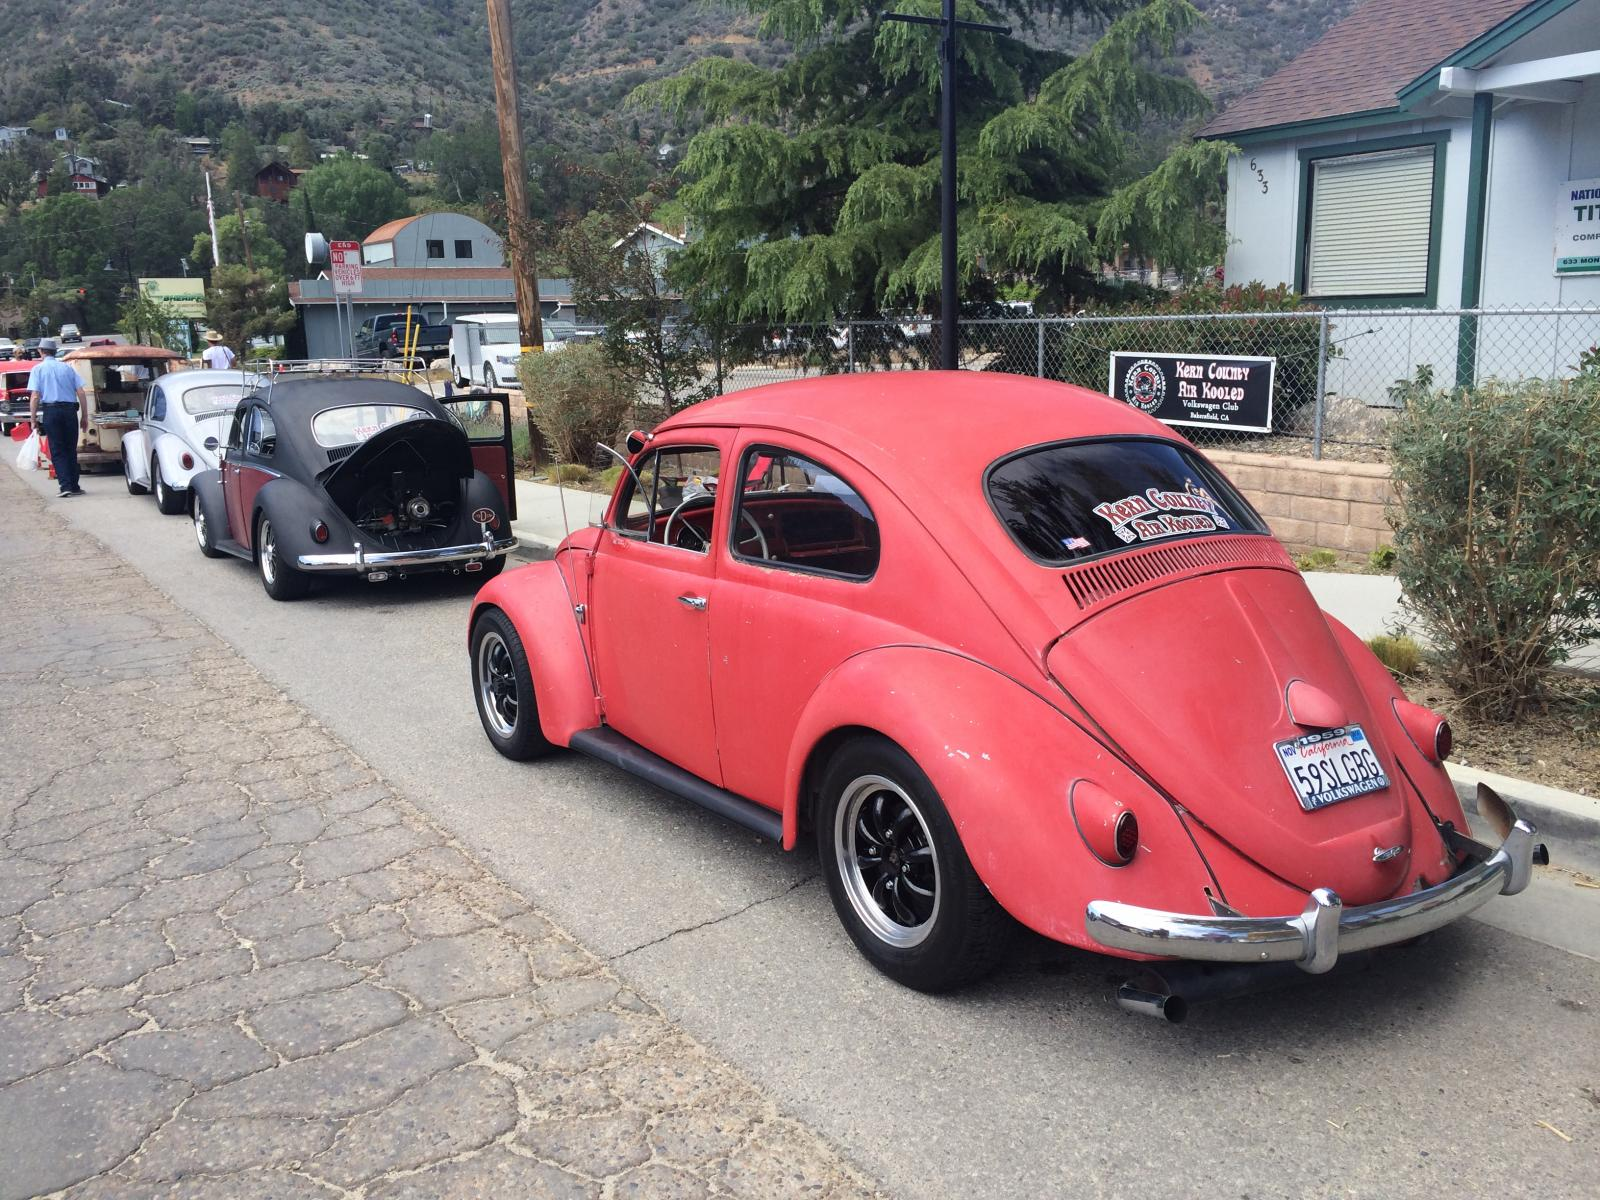 1959 Beetle stolen 12-6-14 from East Bakersfield